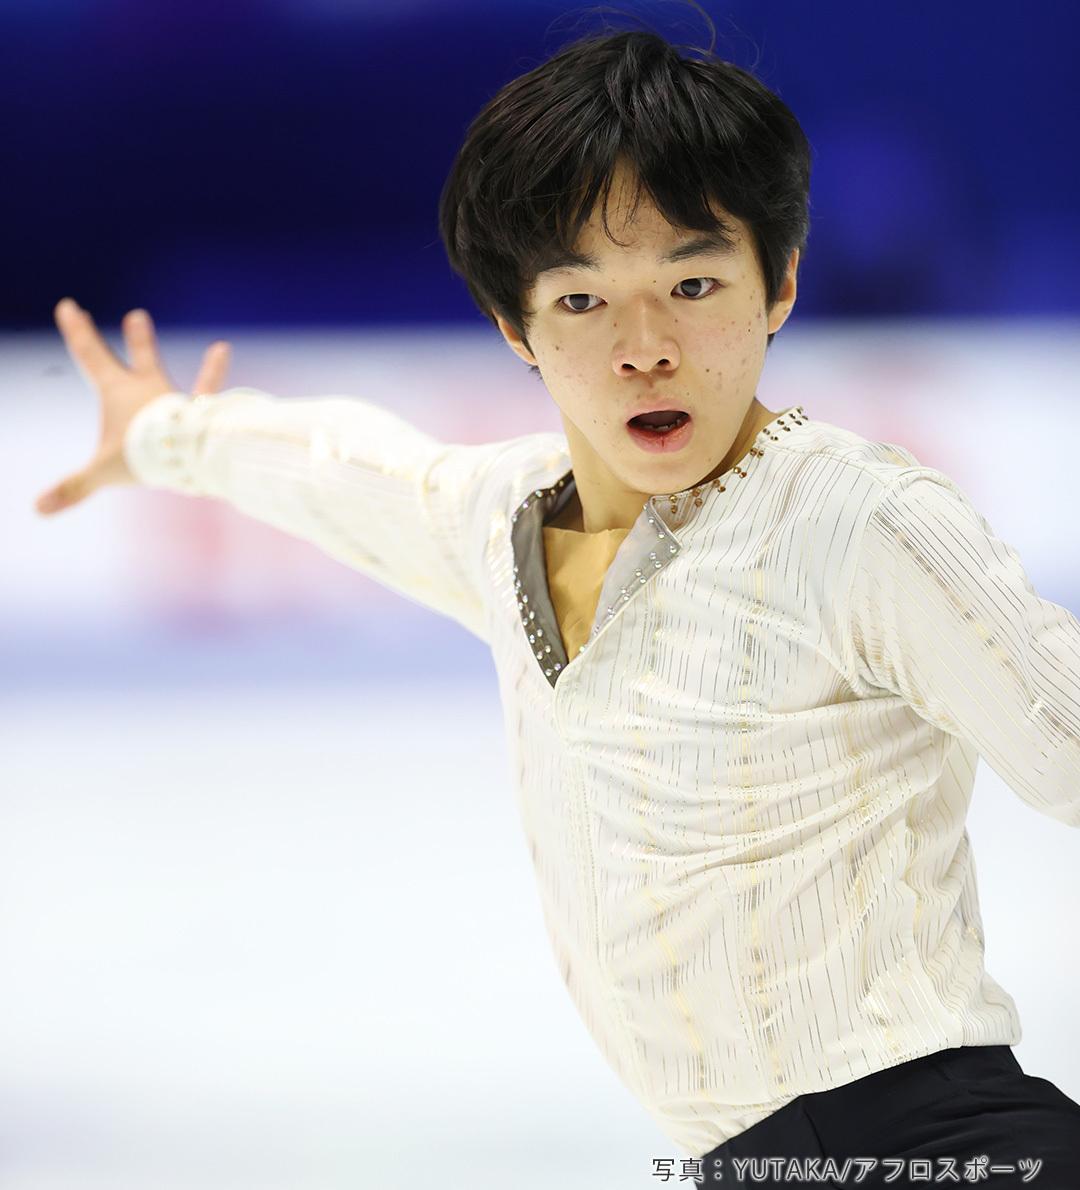 NHK杯2020でショートプログラム「Vocussion」を披露するフィギュアスケート男子鍵山優真選手